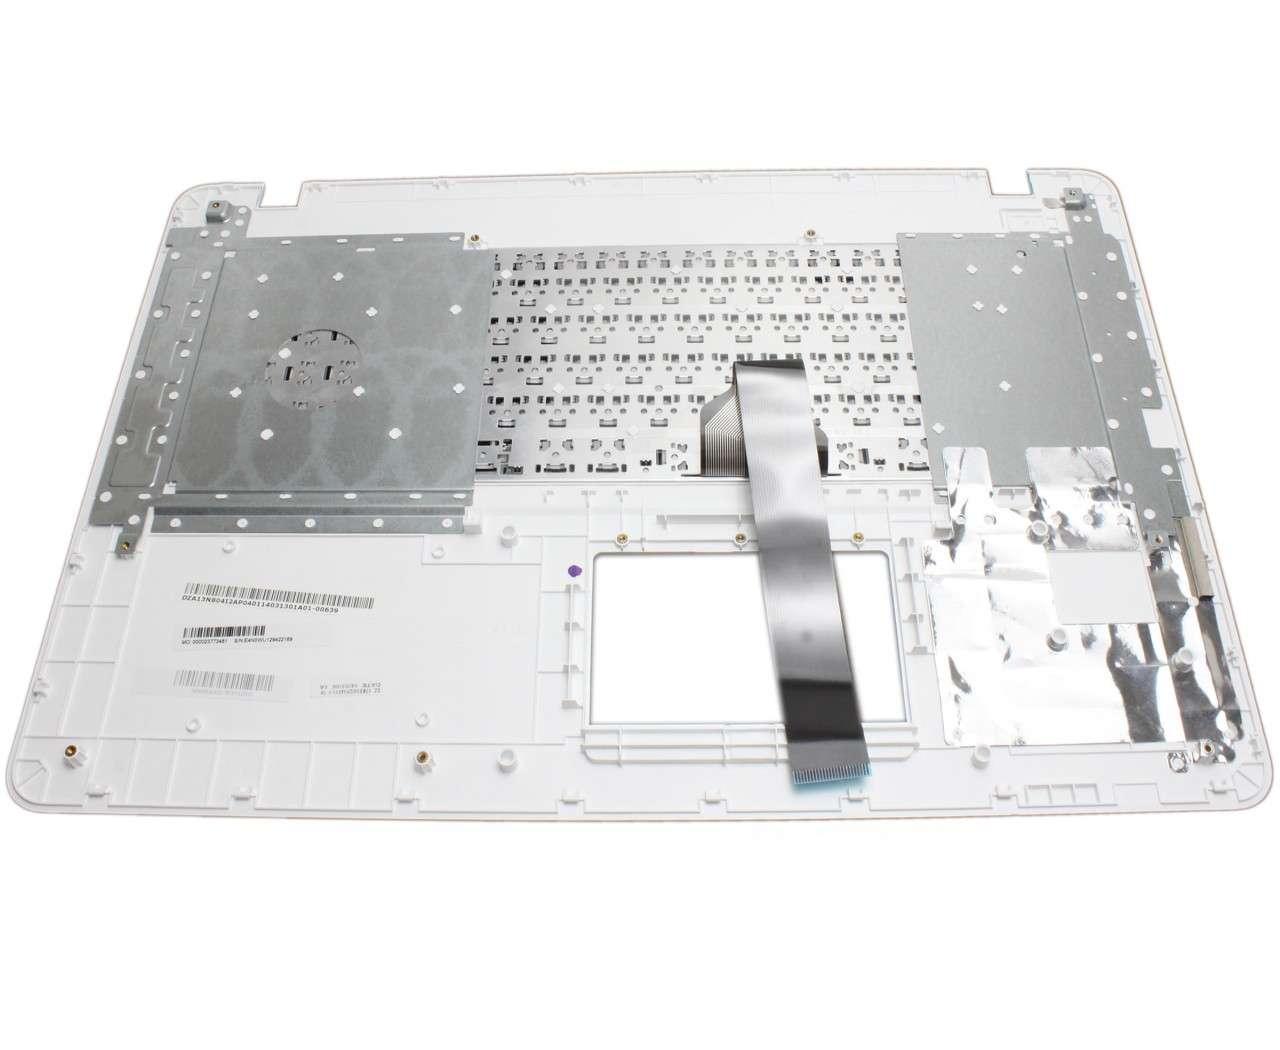 Tastatura Asus 0KNB0-612HUS00 neagra cu Palmrest alb imagine